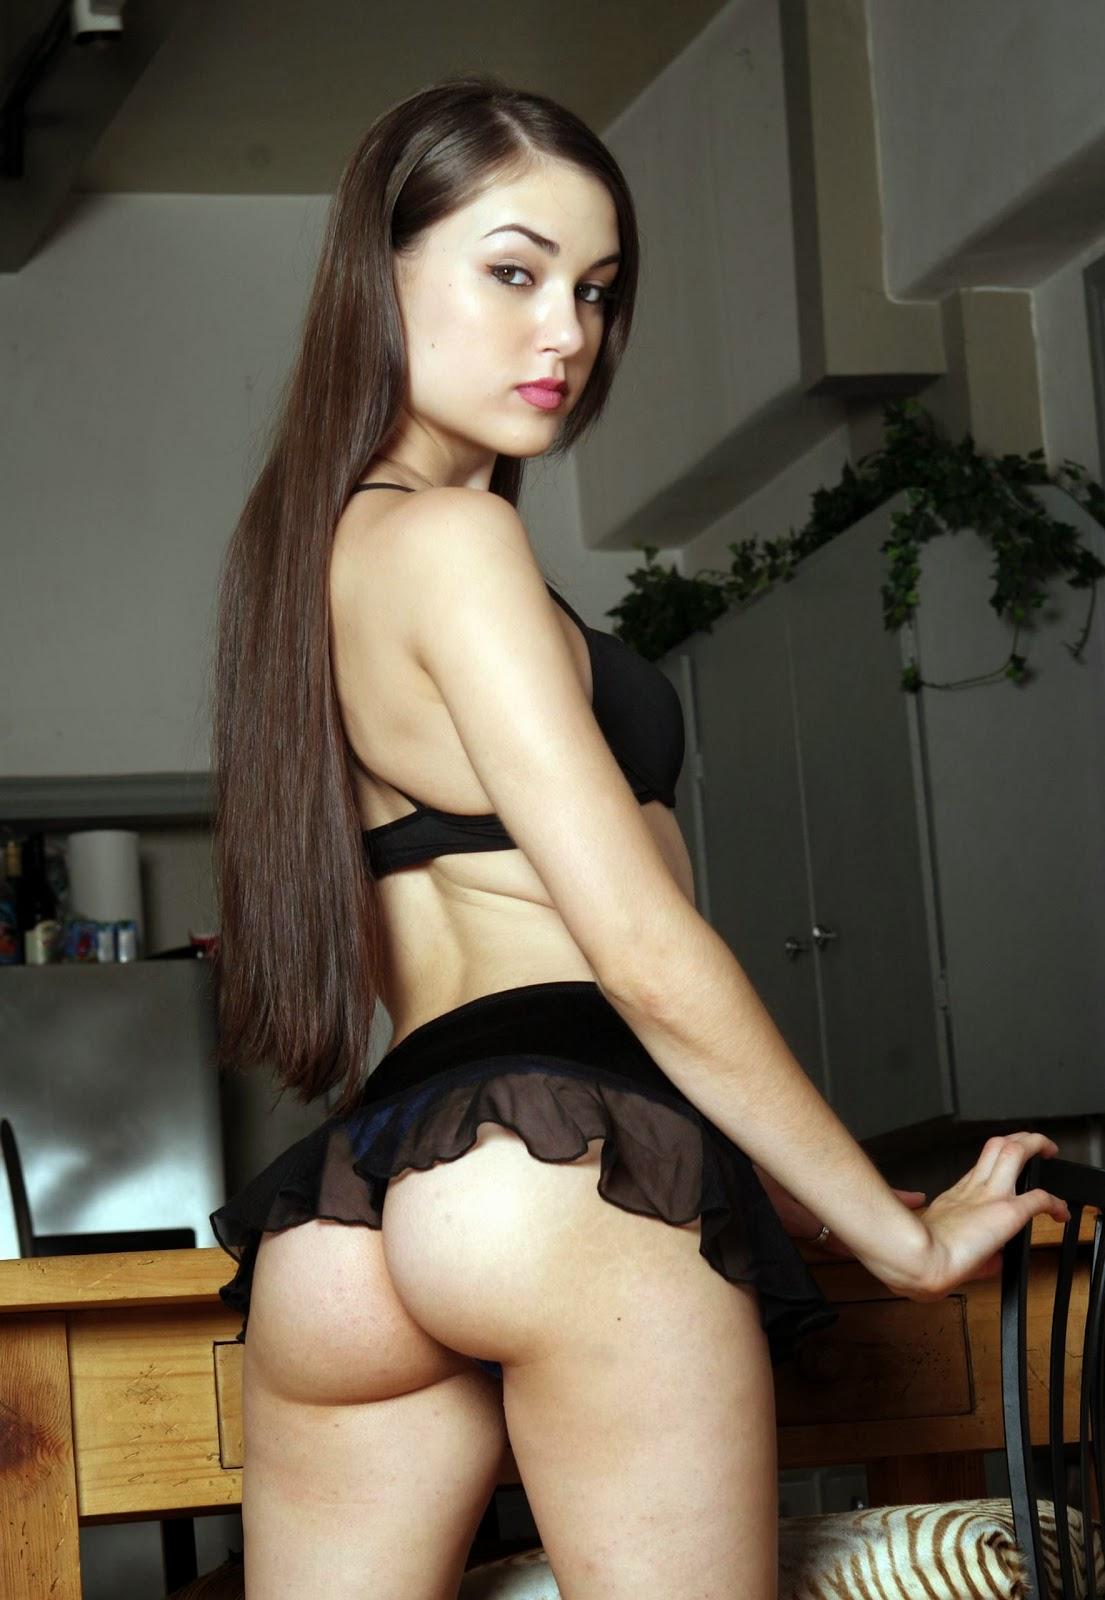 gallery-sexy-bugil-sasha-grey-anal-libian-tee